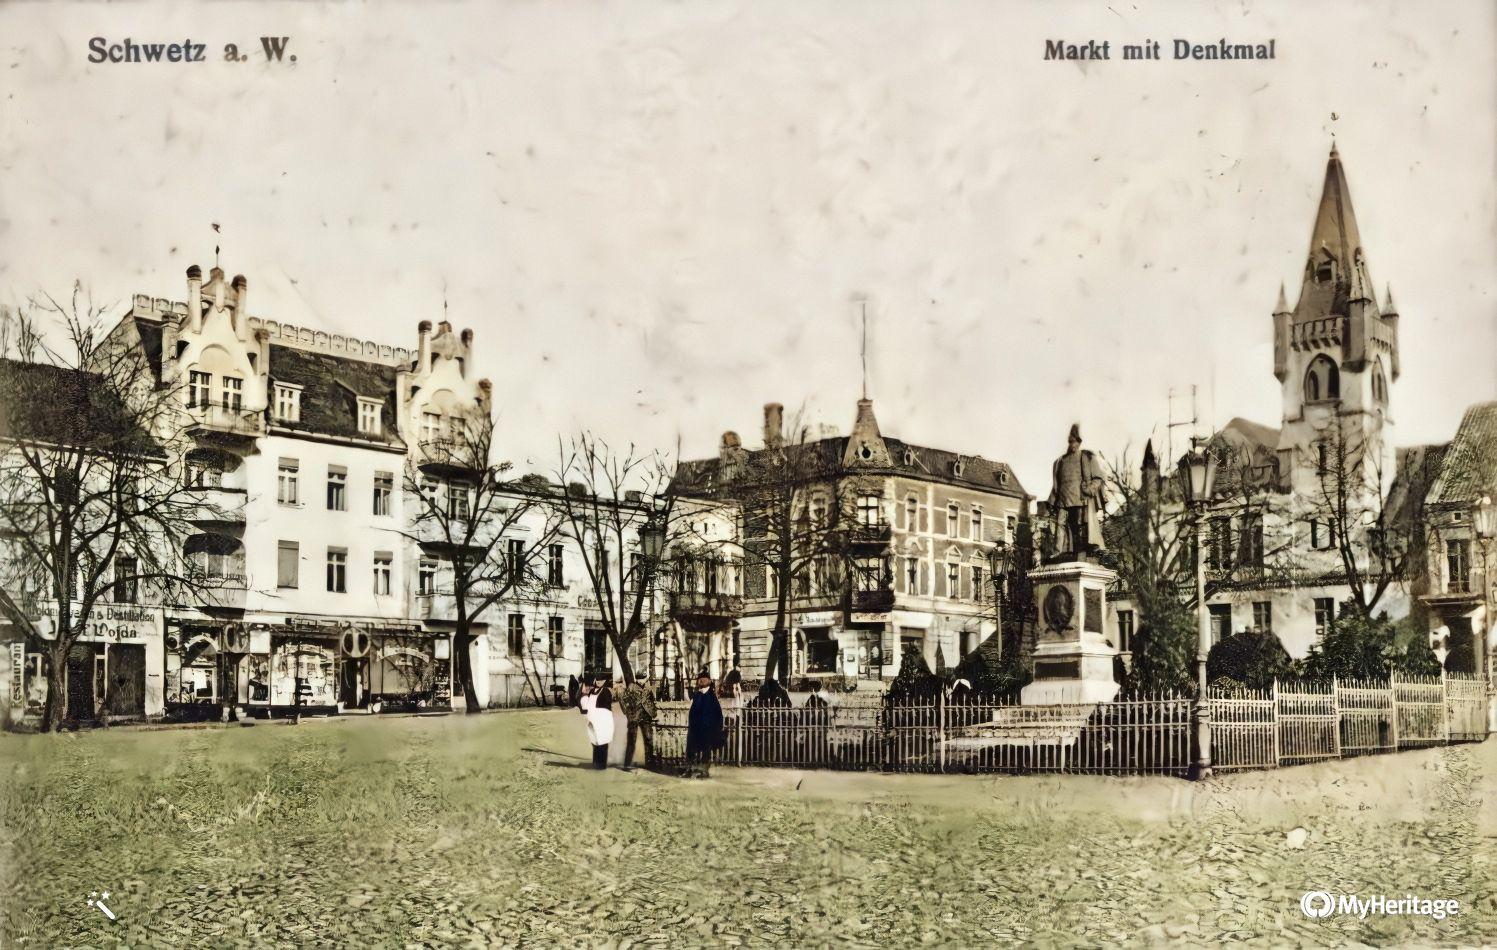 Duży Rynek Markt mit Denkmal